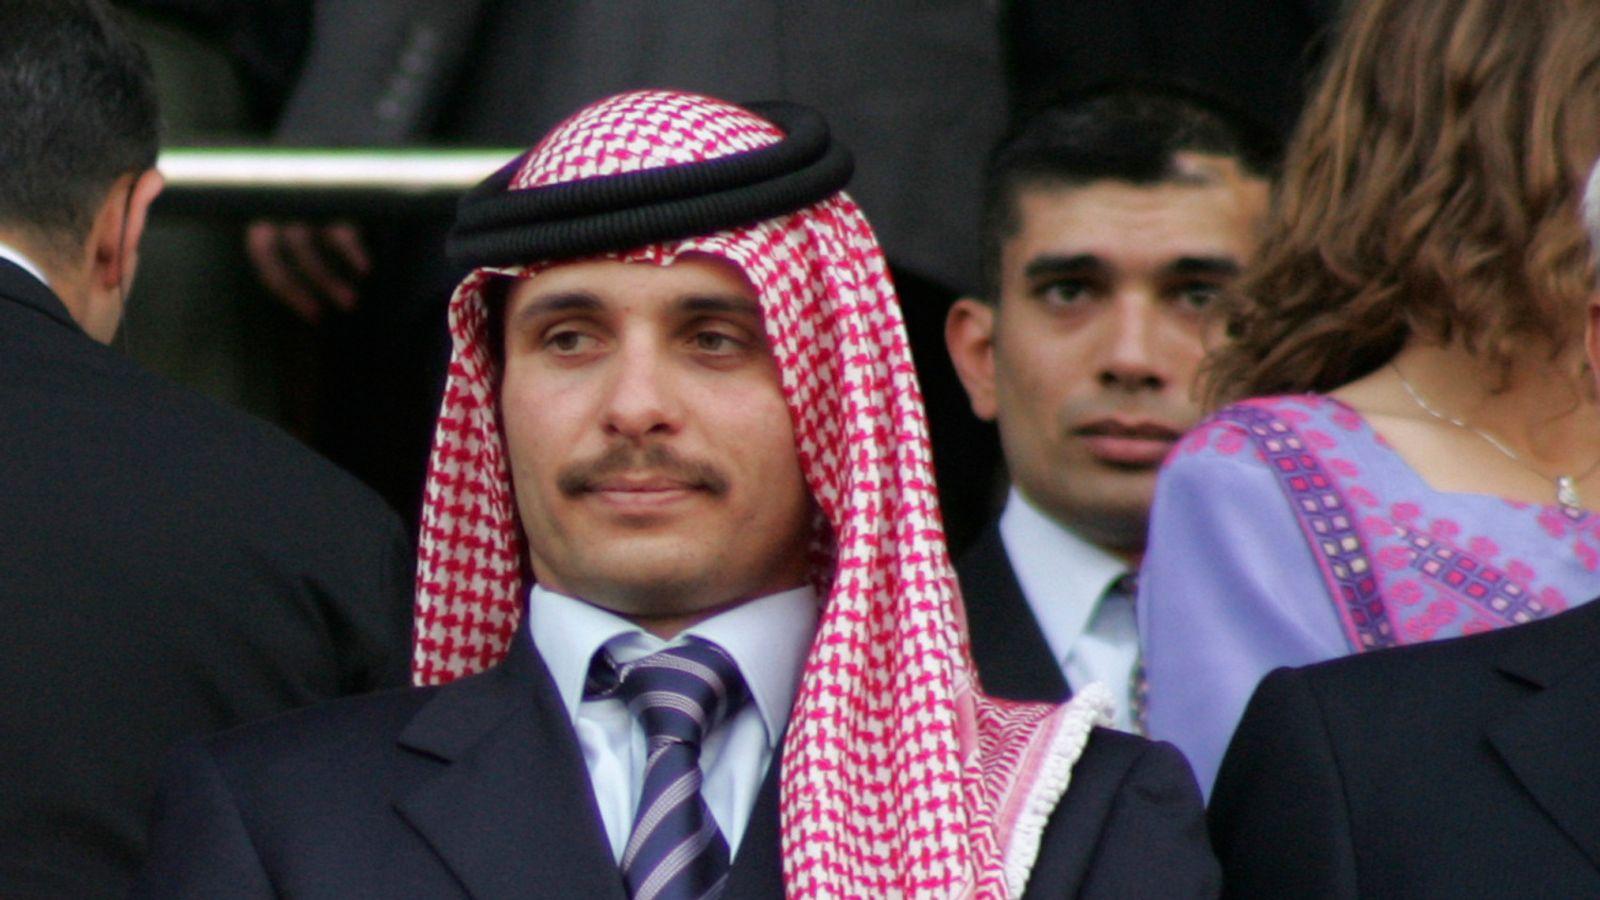 شاهزاده حمزه پسر محبوب پادشاه سابق اردن بود اما تلاش او برای بدست گرفتن قدرت دو بار توسط برادرش عبدالله دوم نادیده گرفته شد.